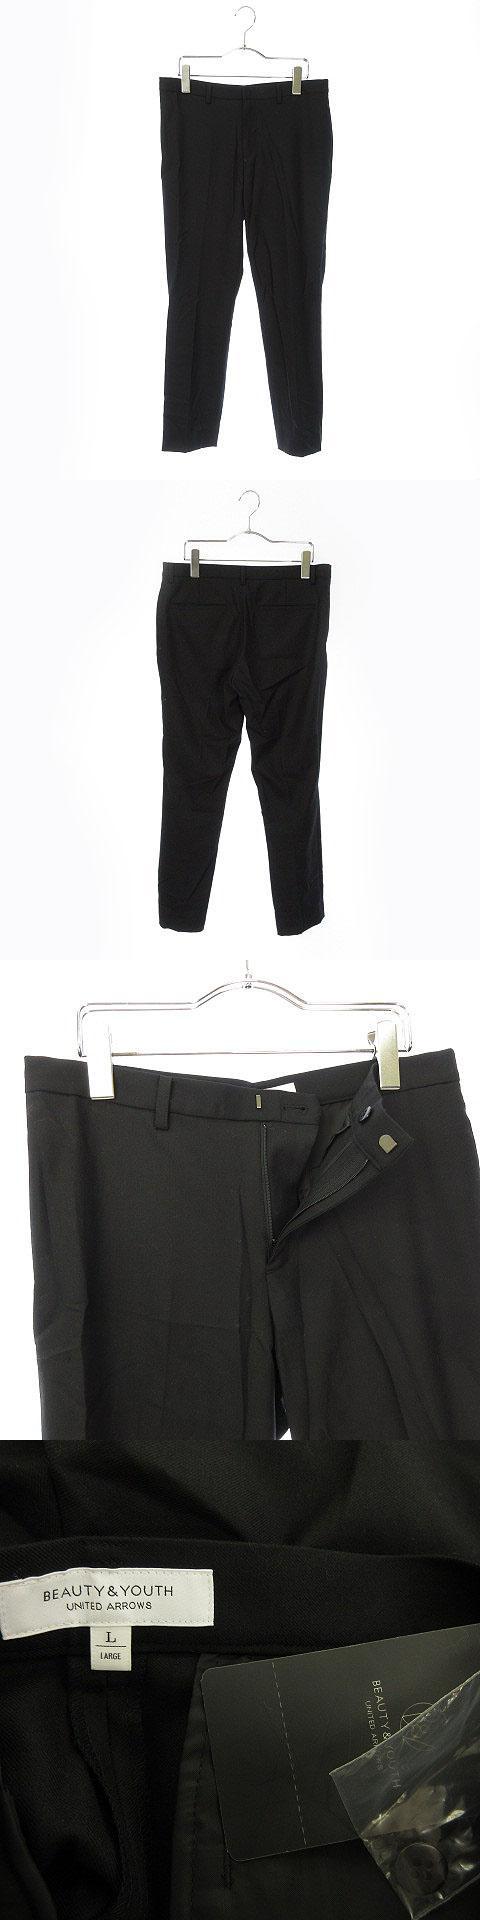 パンツ スラックス ウール混 L 黒 ブラック ☆CA☆1902店 /ts0605